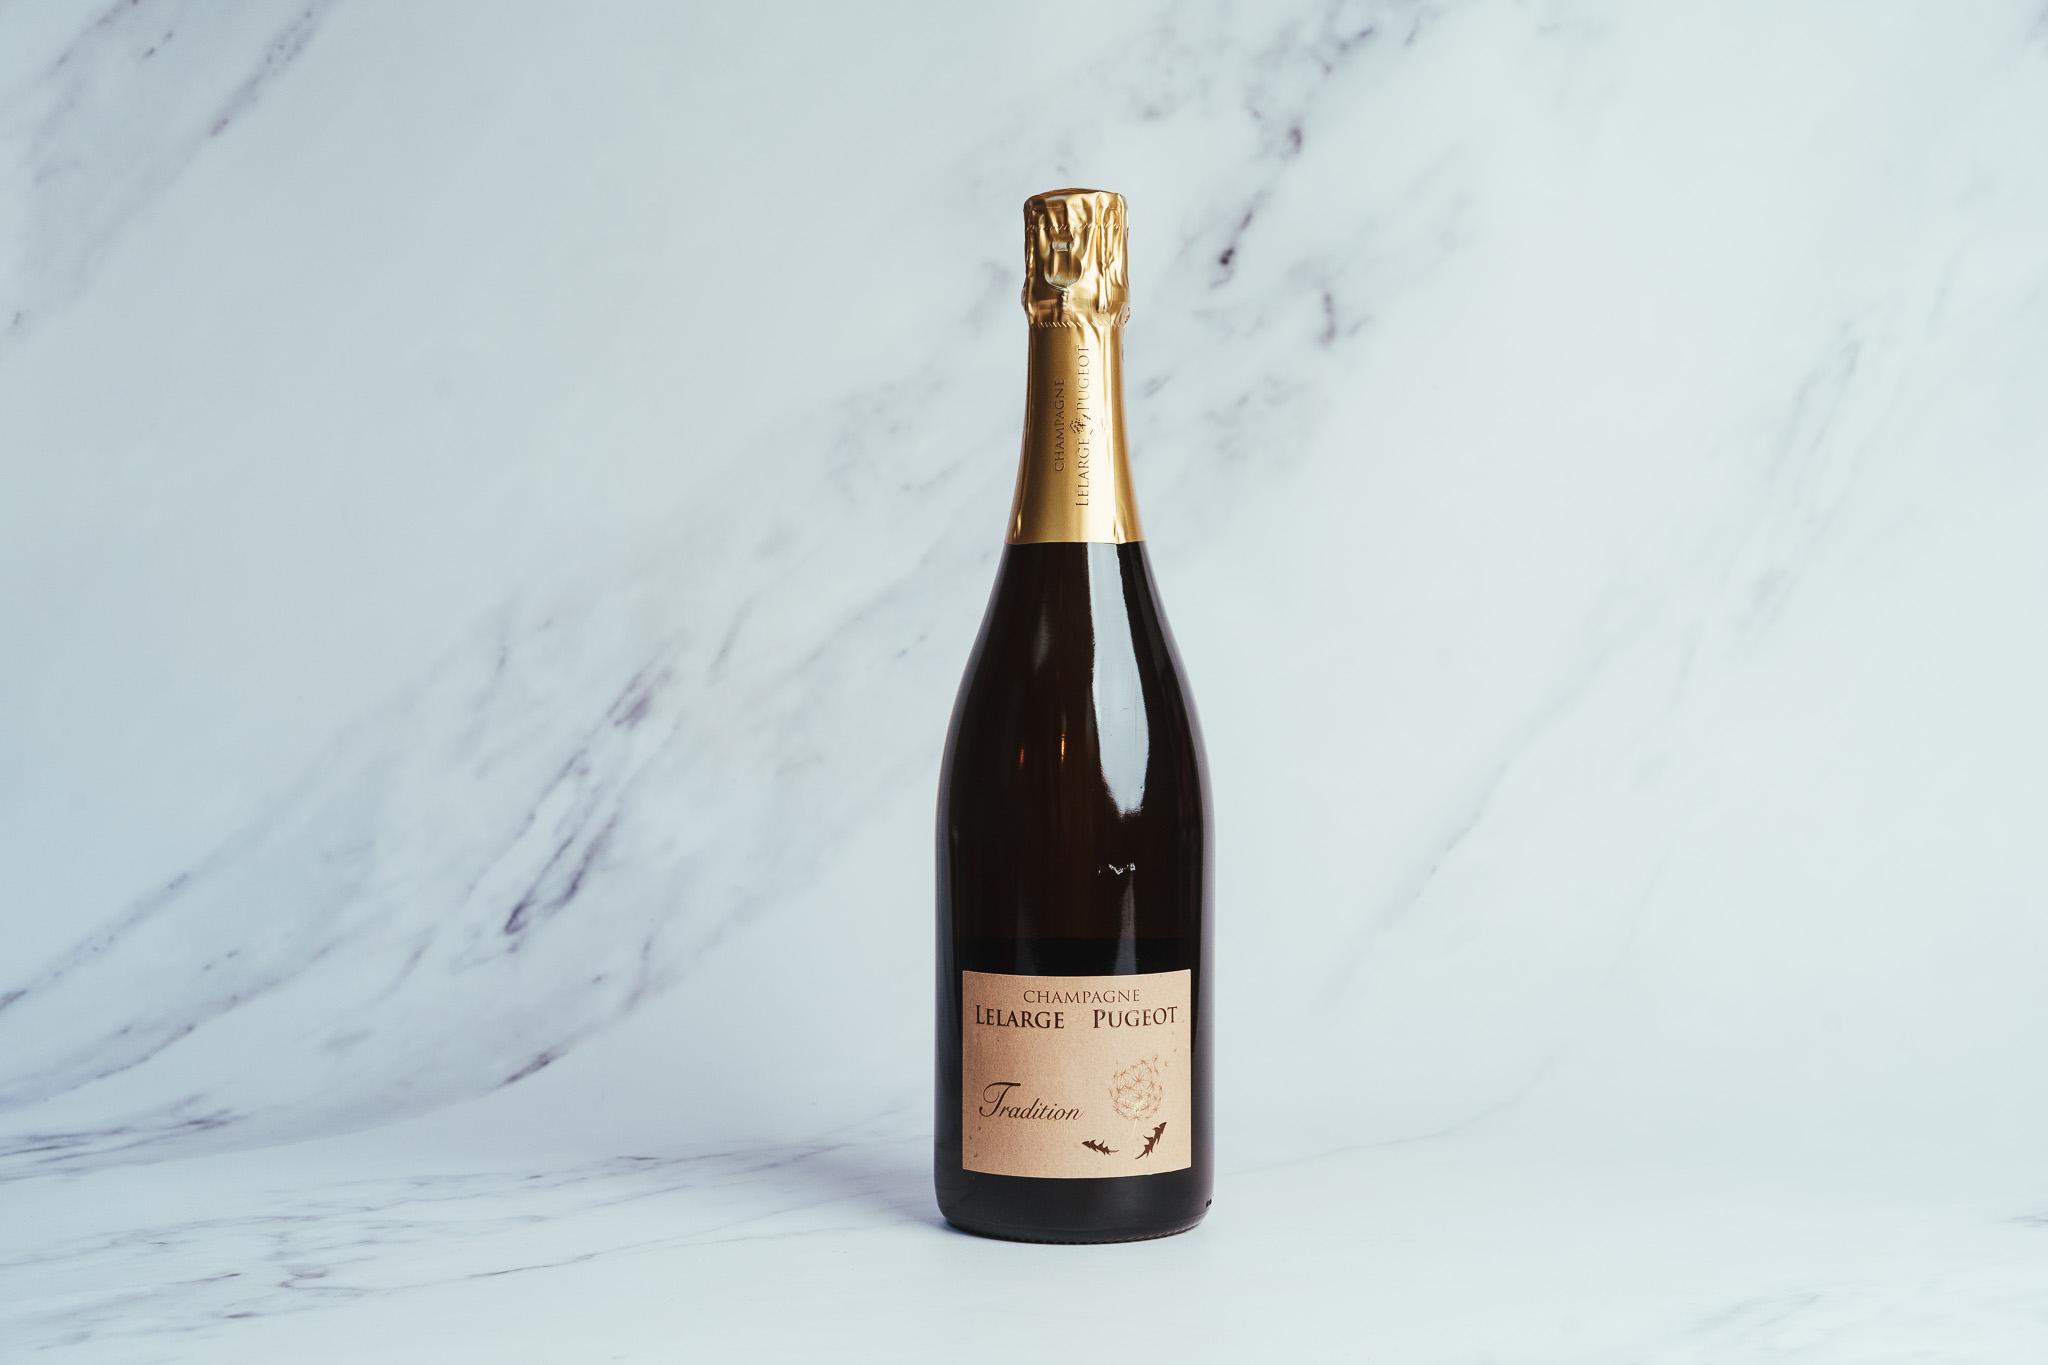 Champagne Lelarge-Pugeot Extra Brut1er Cru Tradition NV